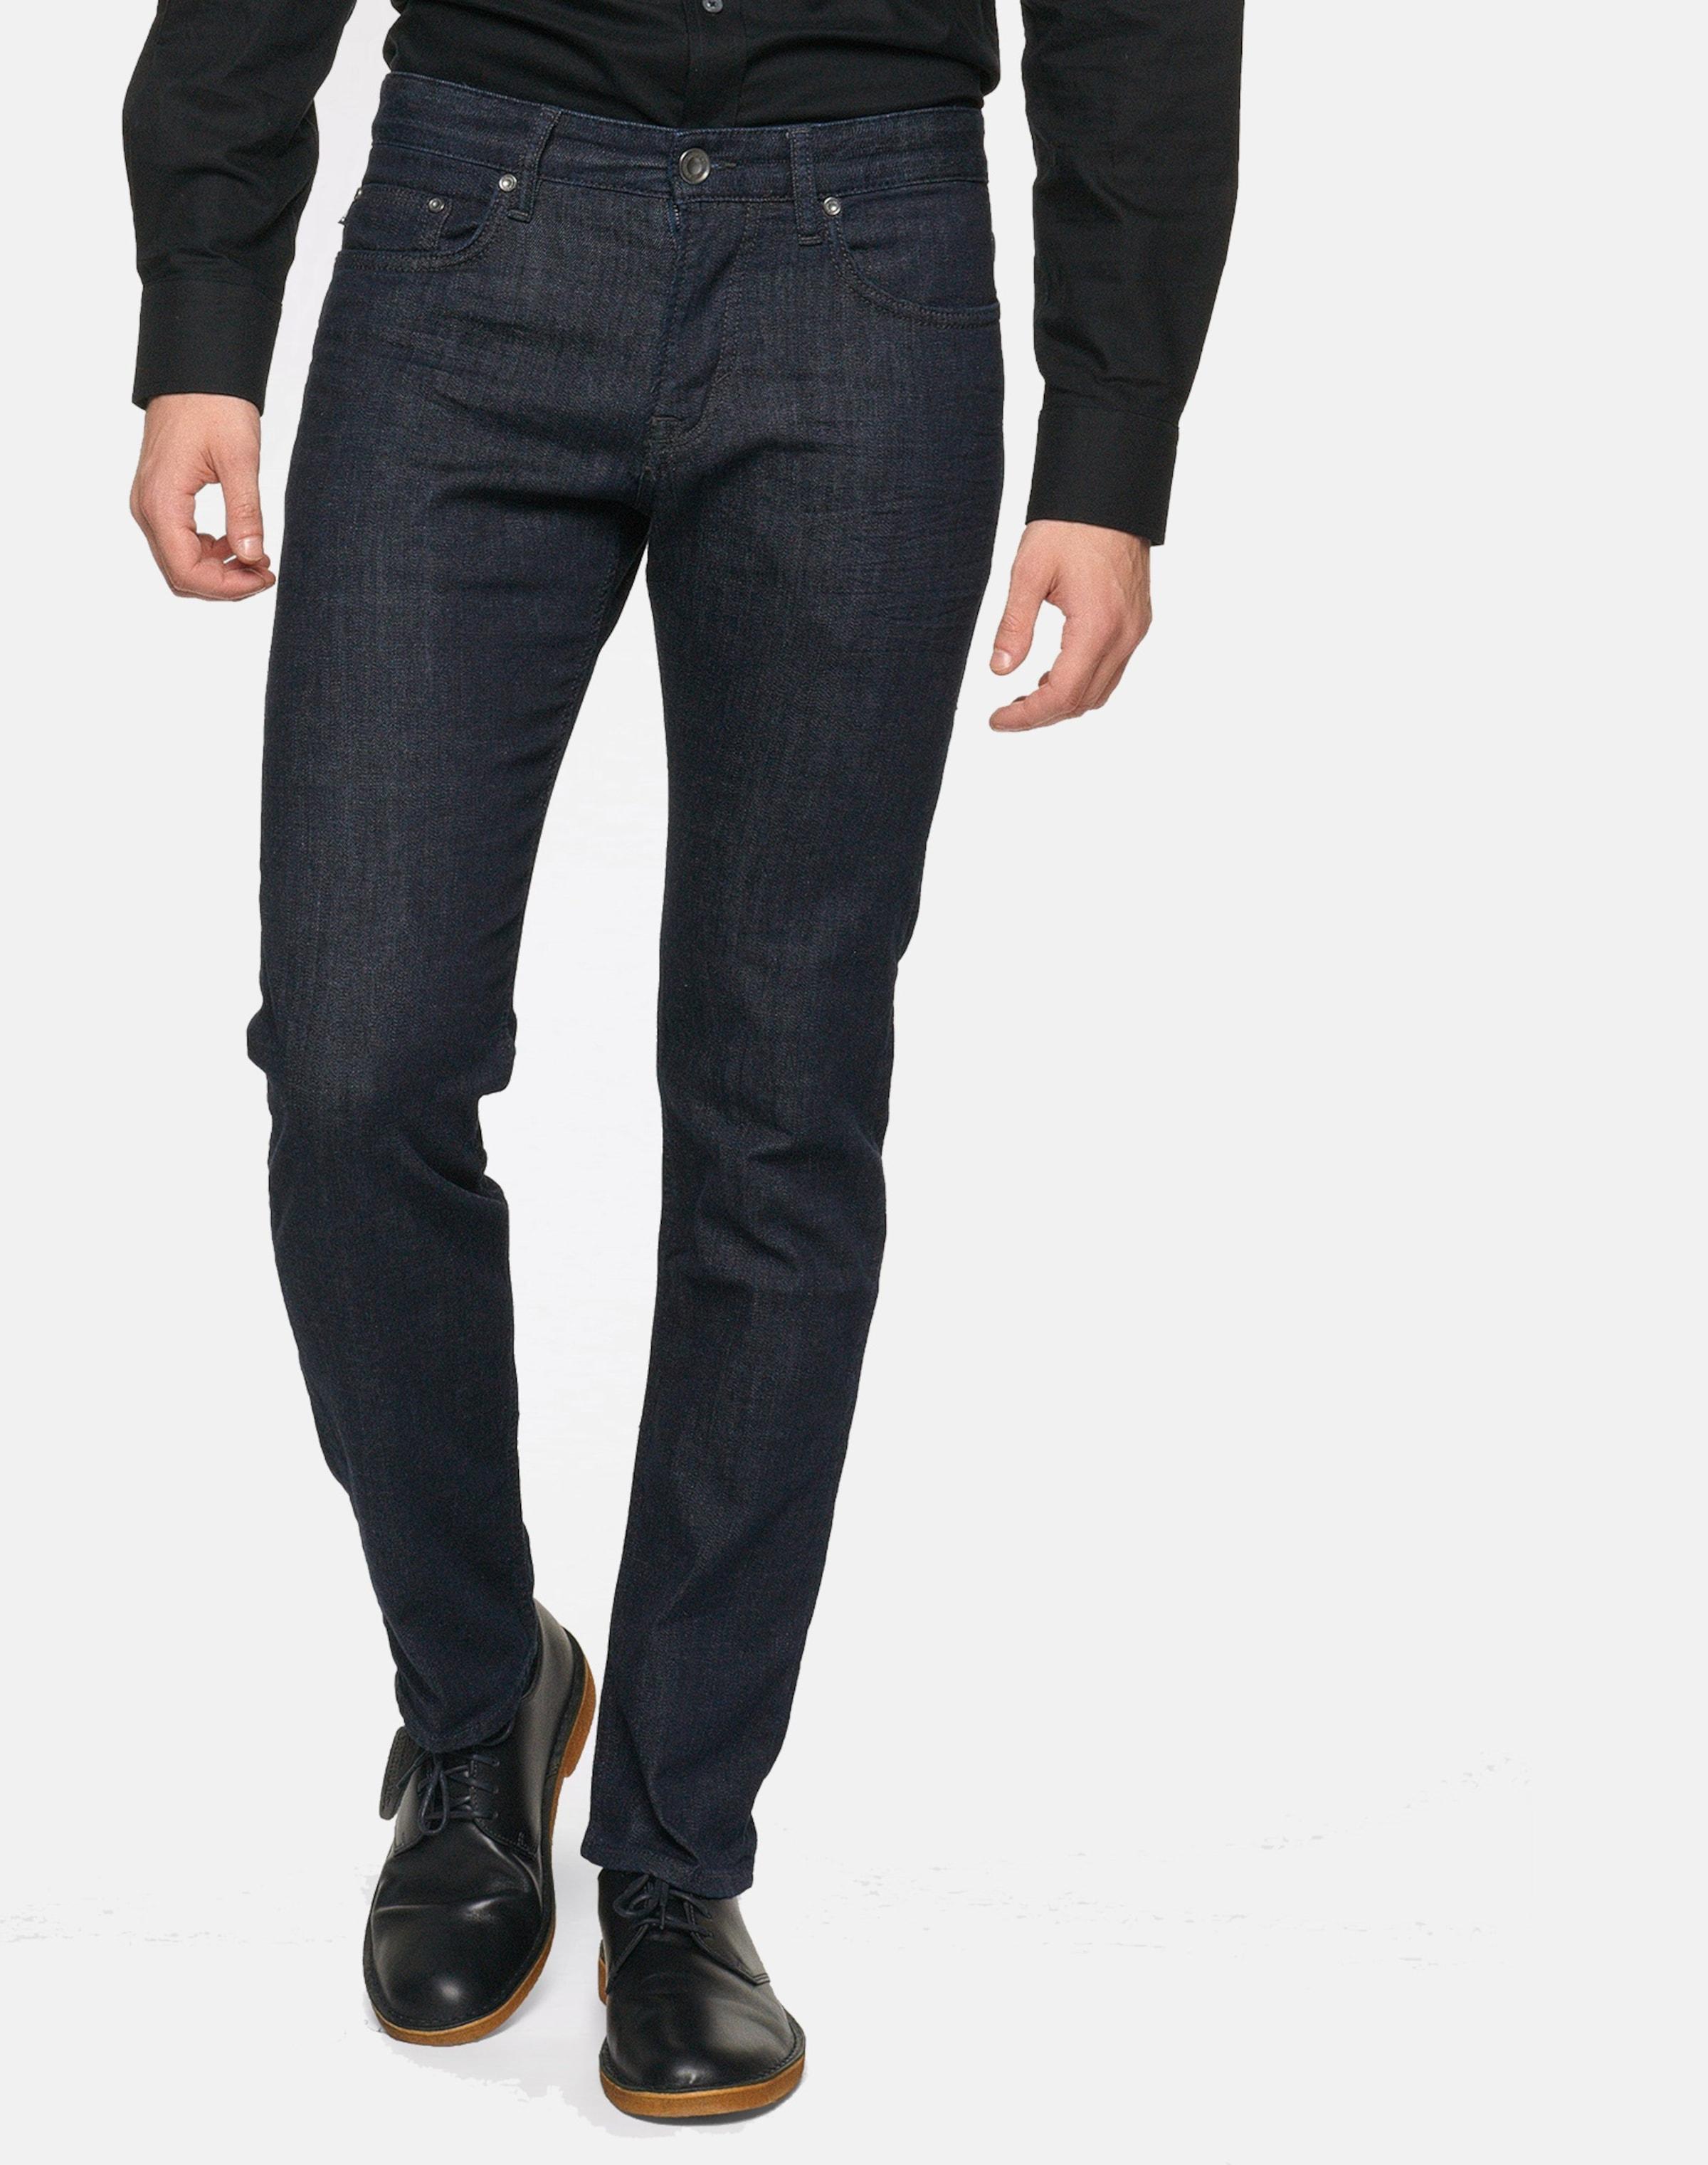 JOOP! Jeans 'Mitch' Niedriger Versandverkauf Online Spielraum Shop Freies Verschiffen Die Besten Preise Rabatt Bilder 6UITxJjTxj